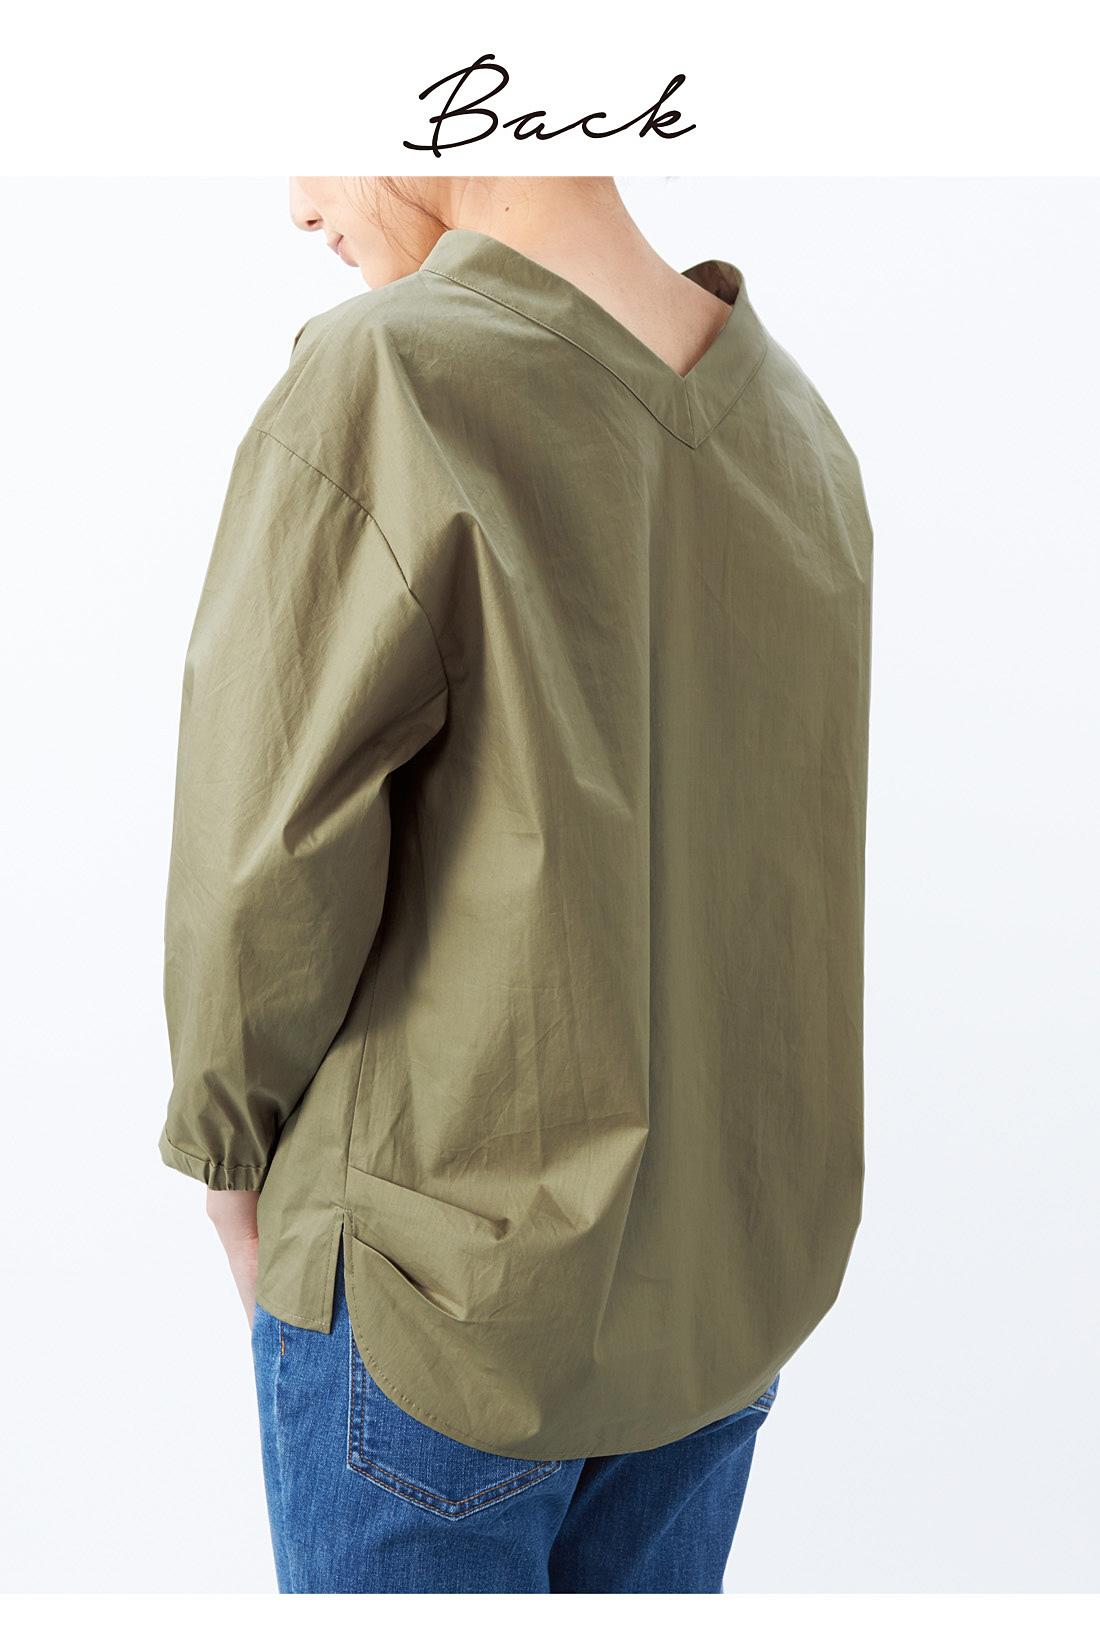 後ろもVネックで、リボンを外してシンプルに着ても。すそに少しだけ入れたタックが絶妙なふんわりシルエットに貢献。